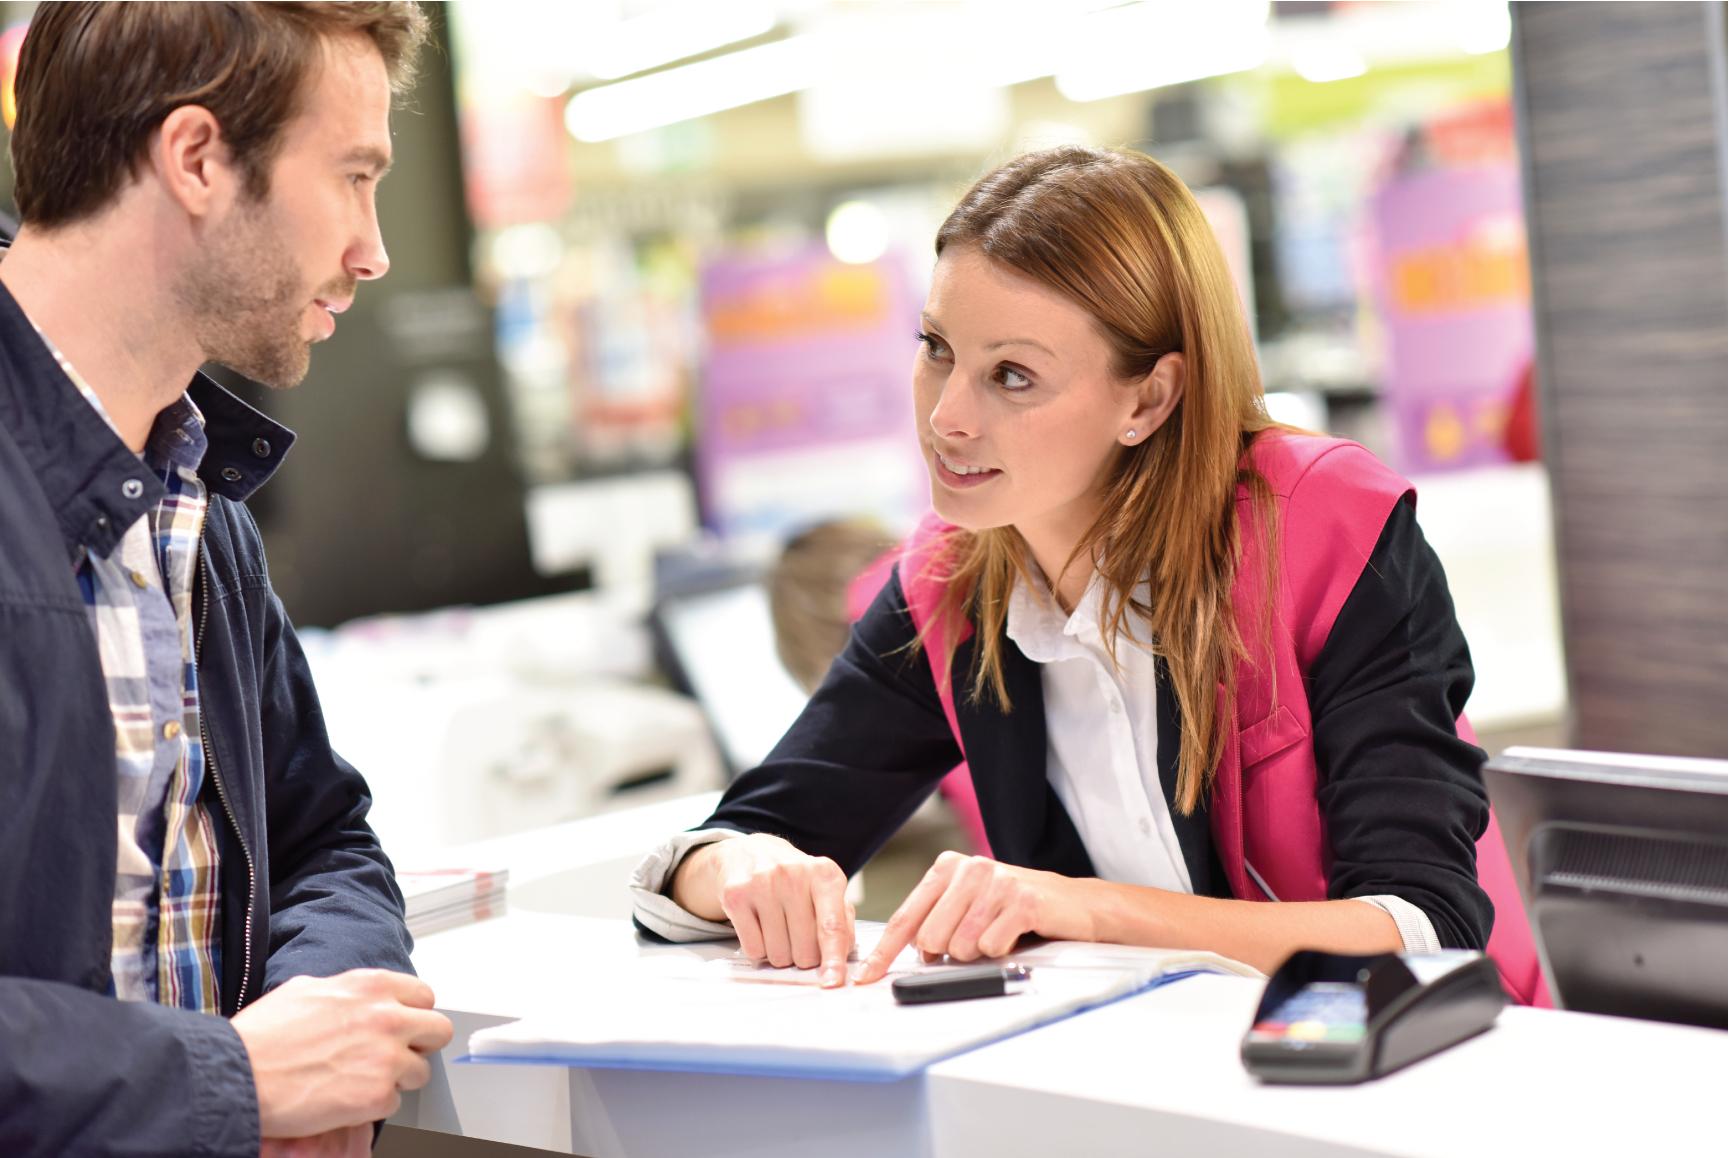 ¿Cómo tratar con clientes difíciles?